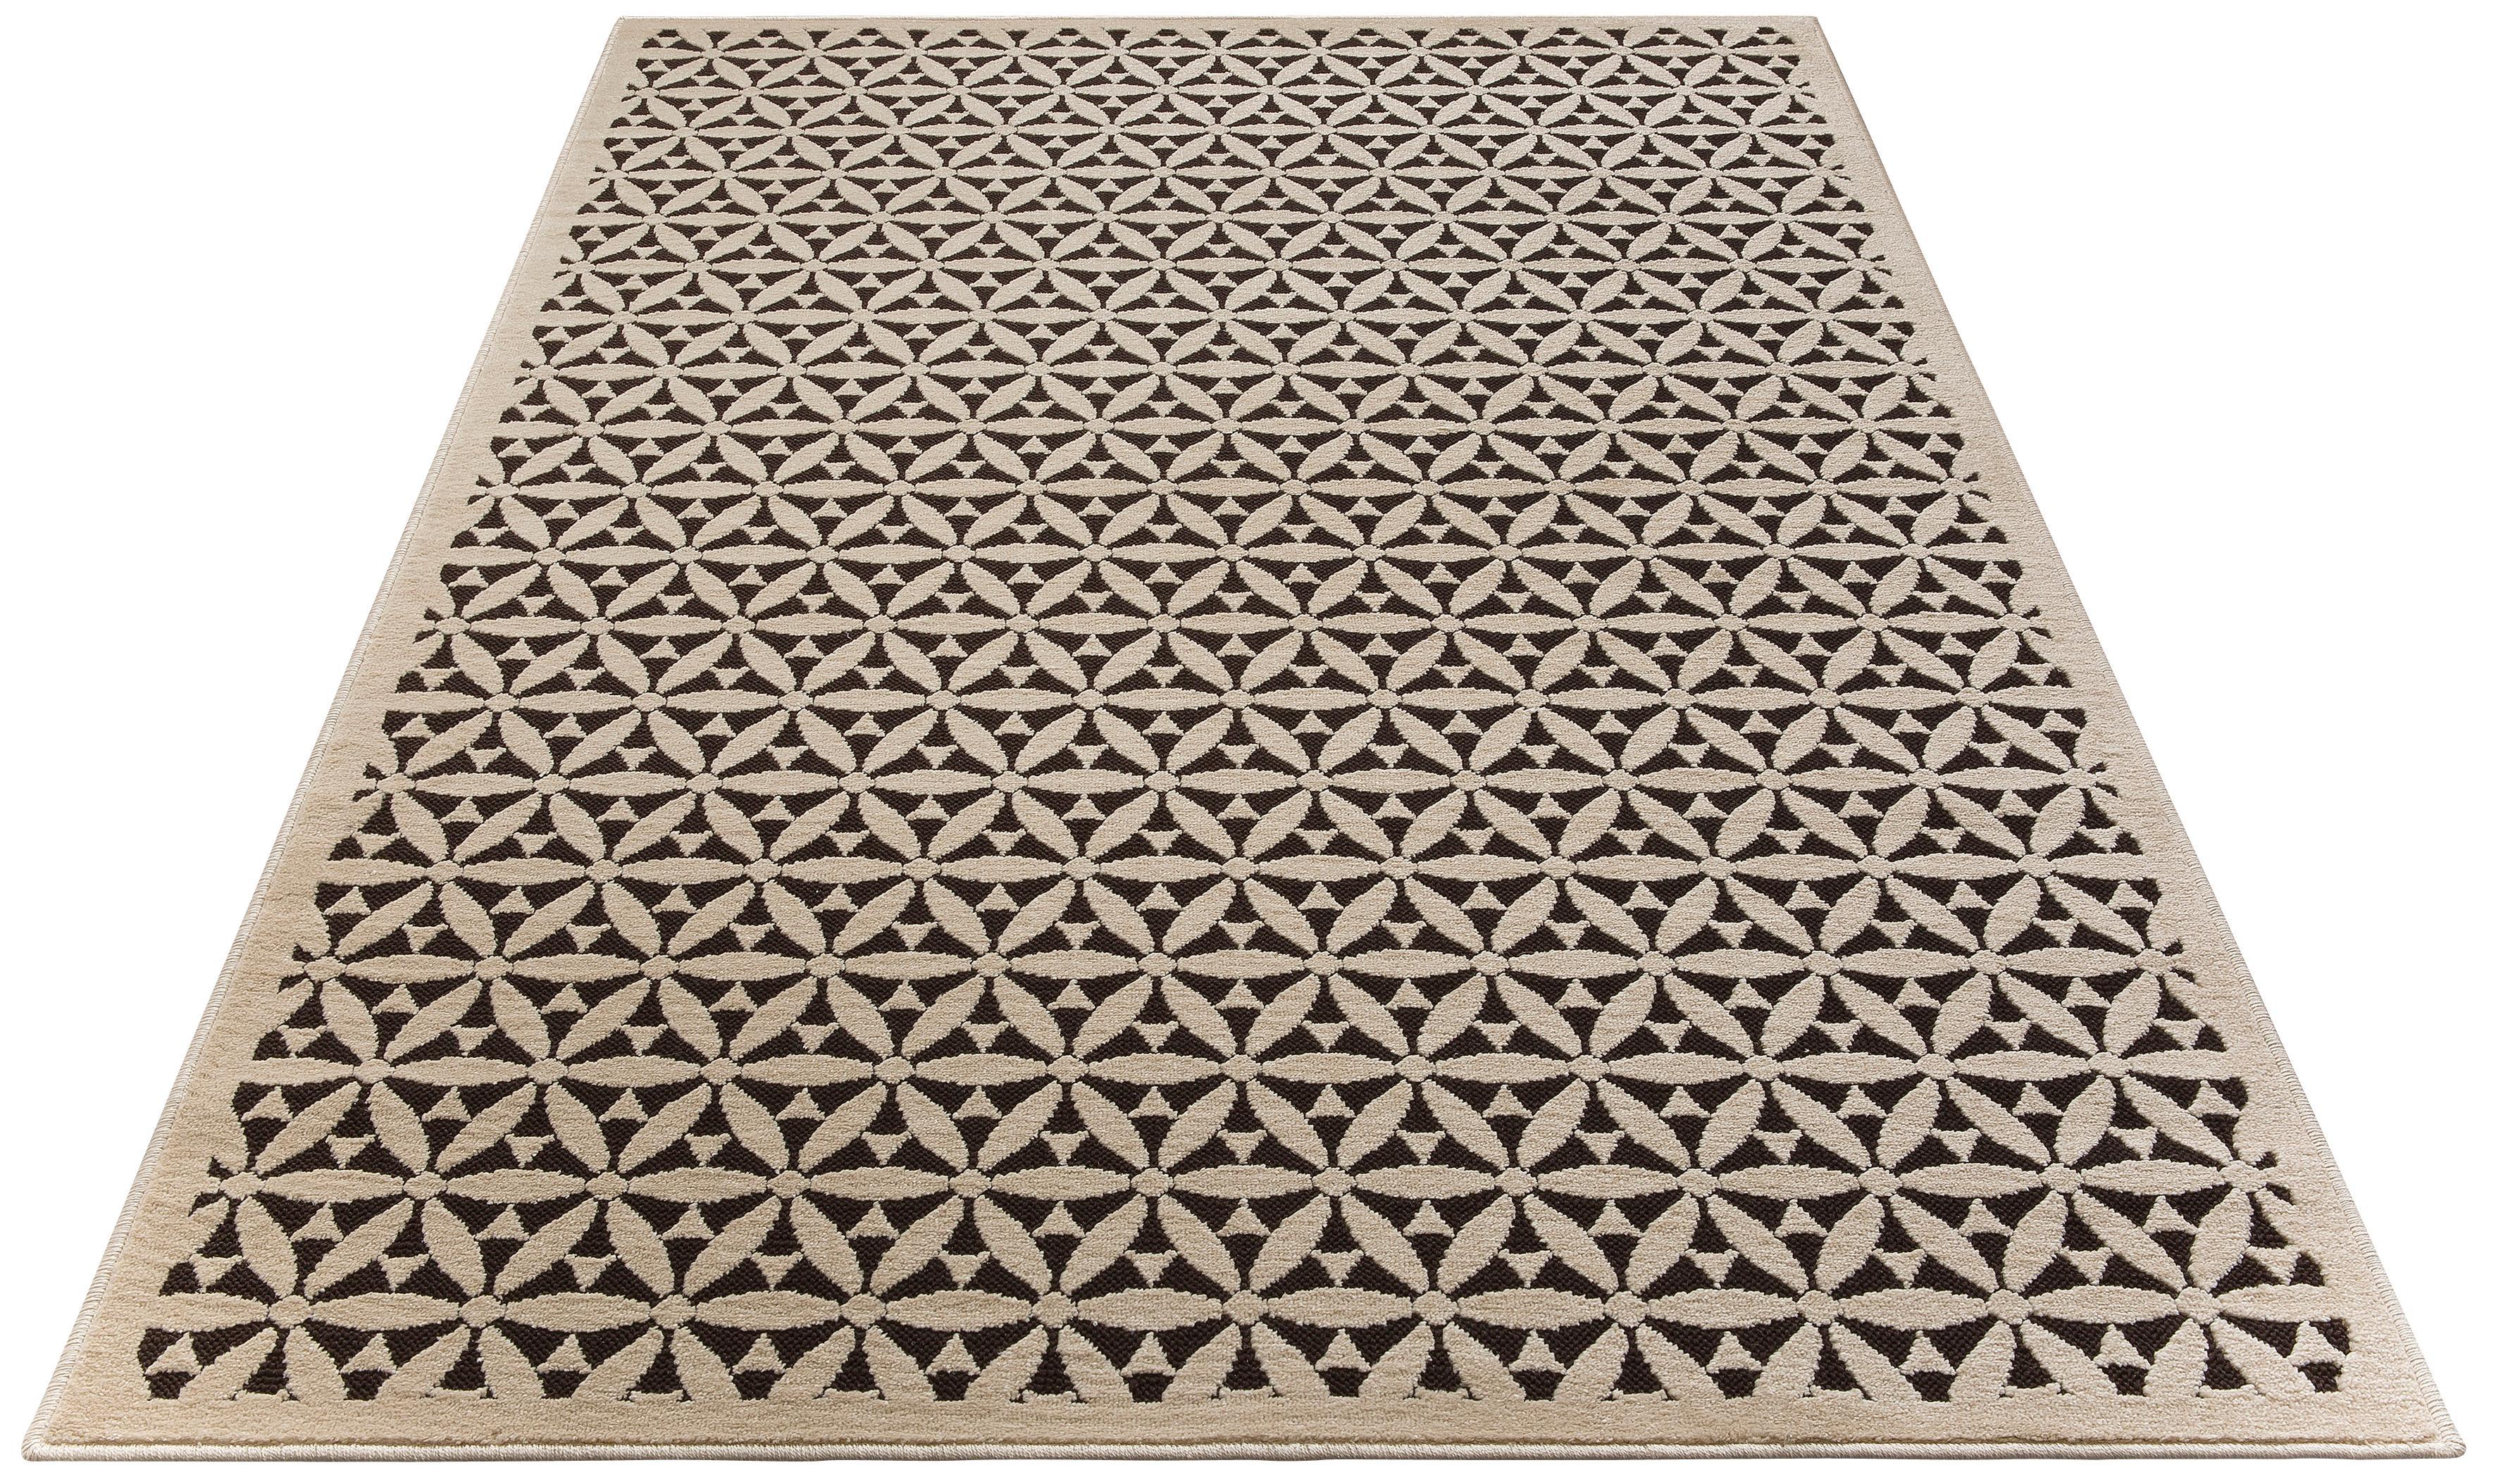 Teppich Idir my home rechteckig Höhe 7 mm maschinell gewebt